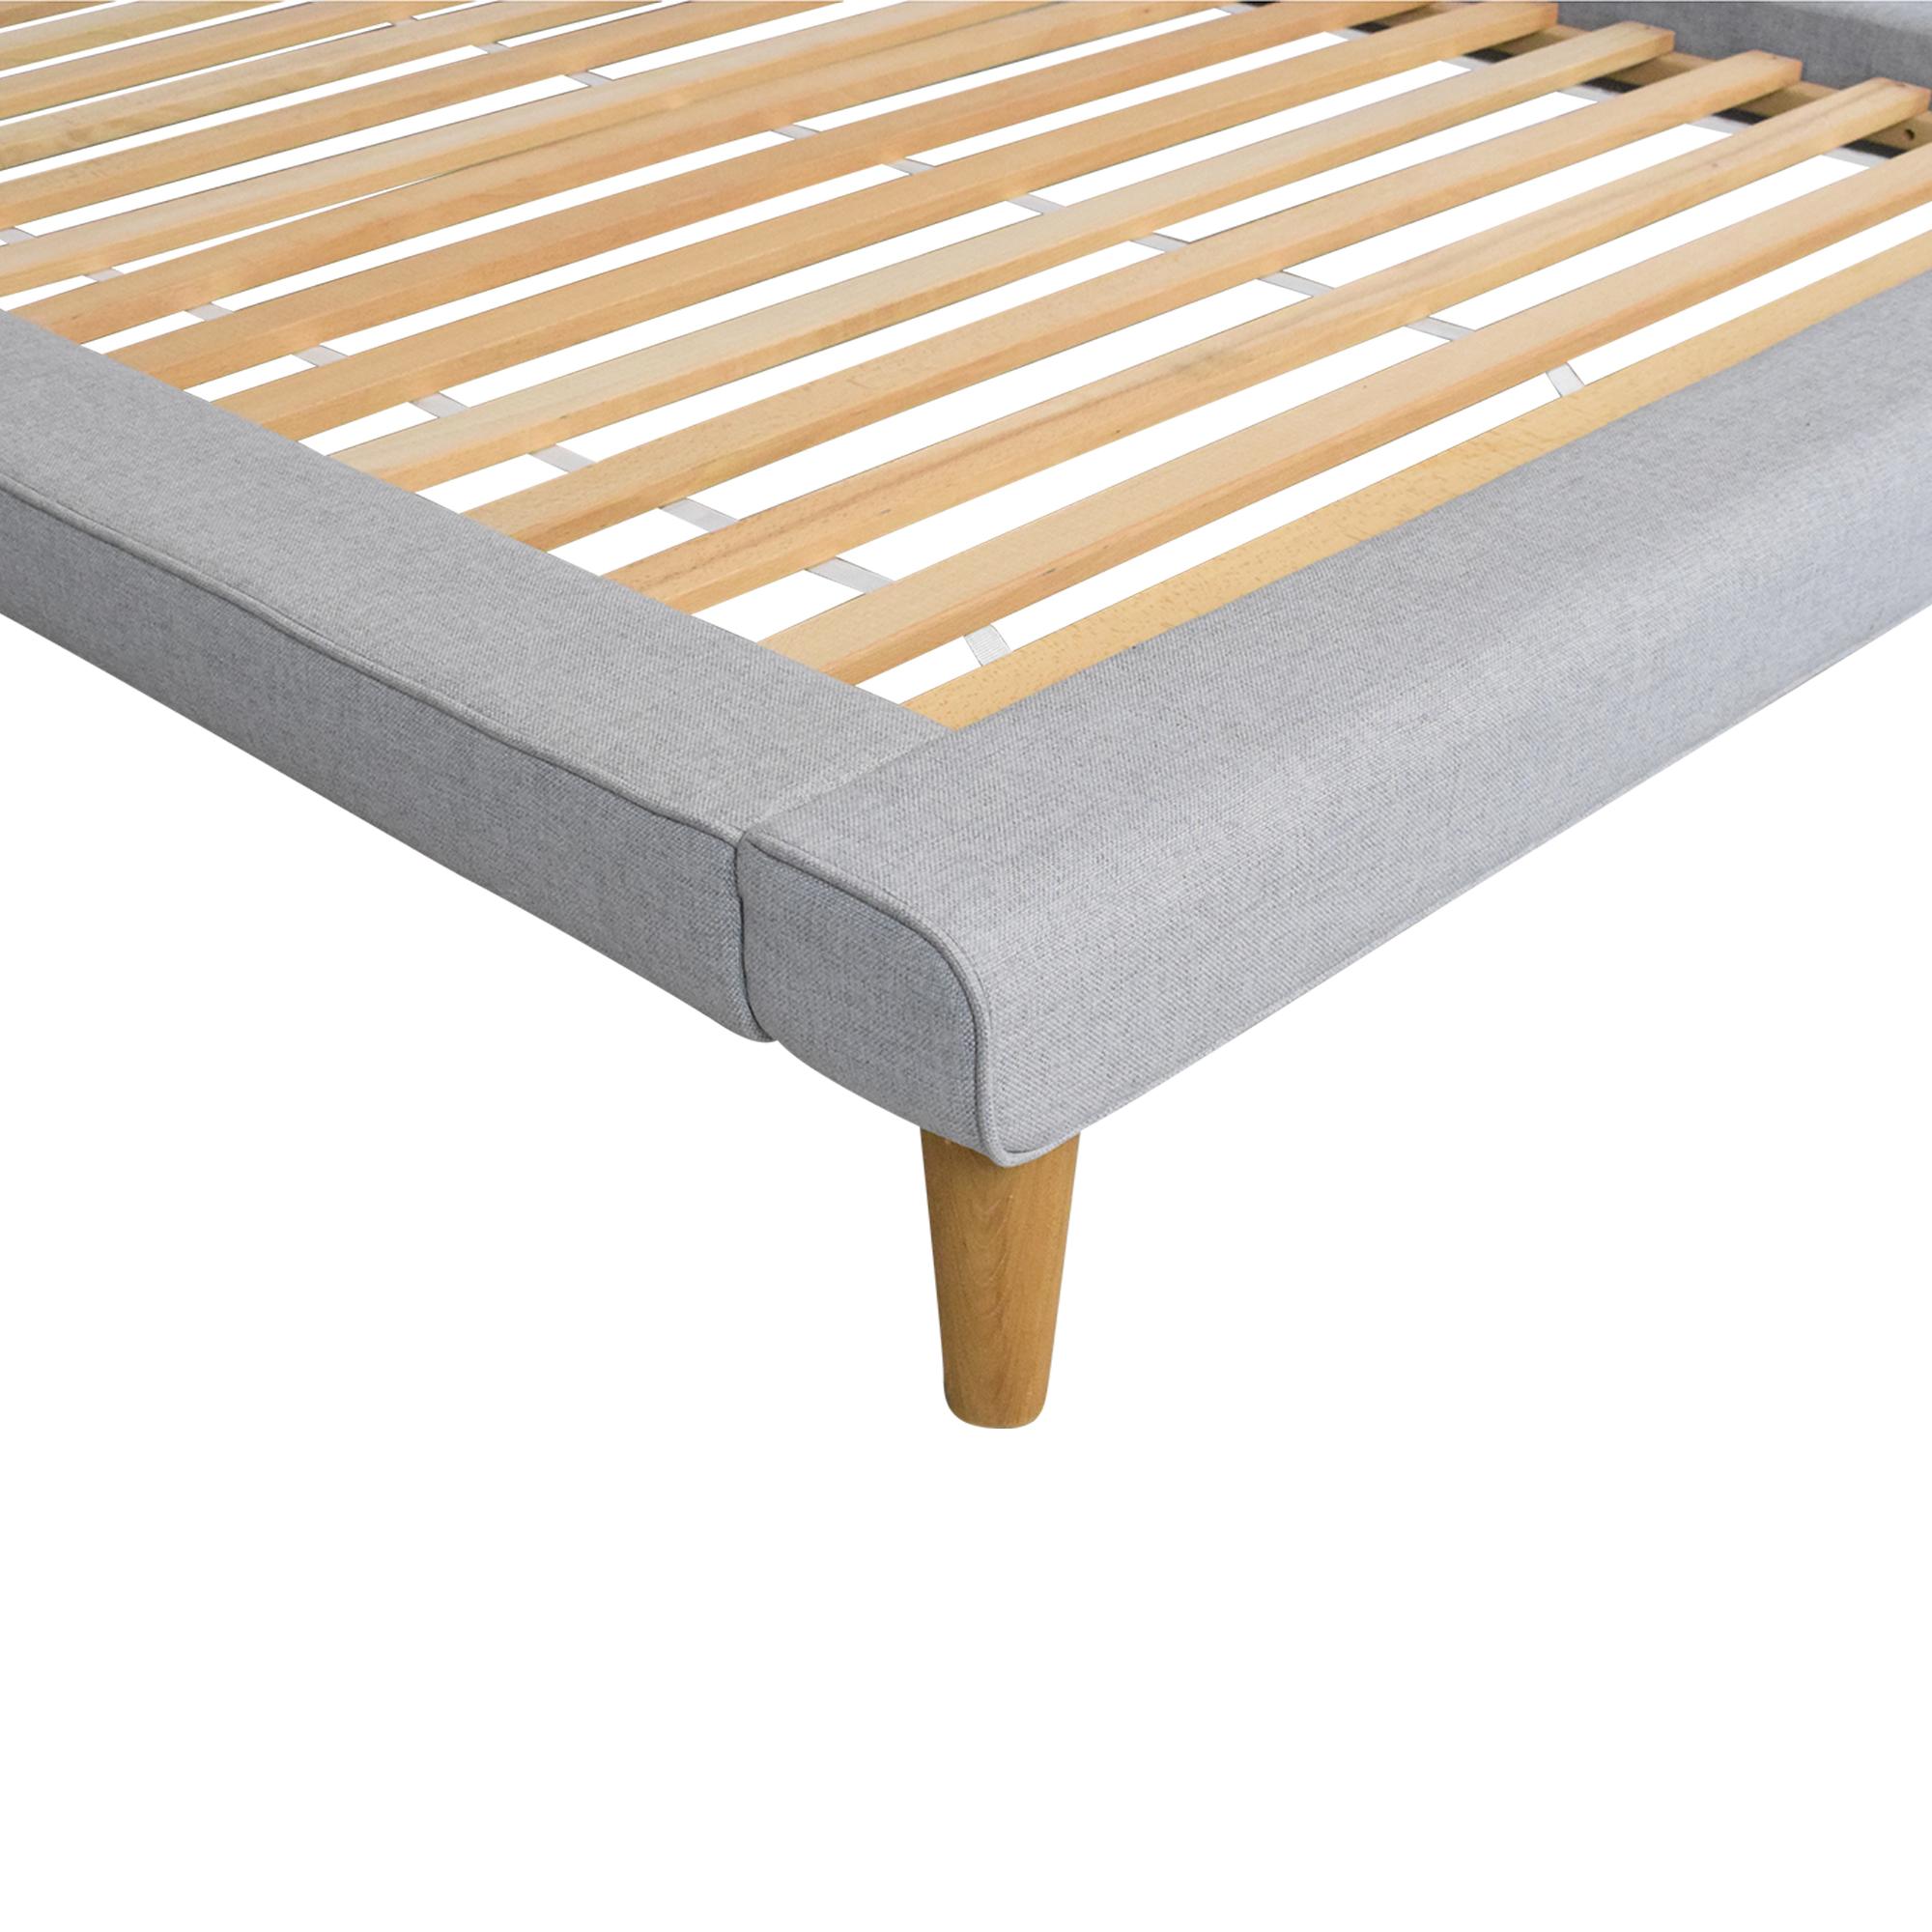 West Elm West Elm Mod Upholstered Full Platform Bed discount